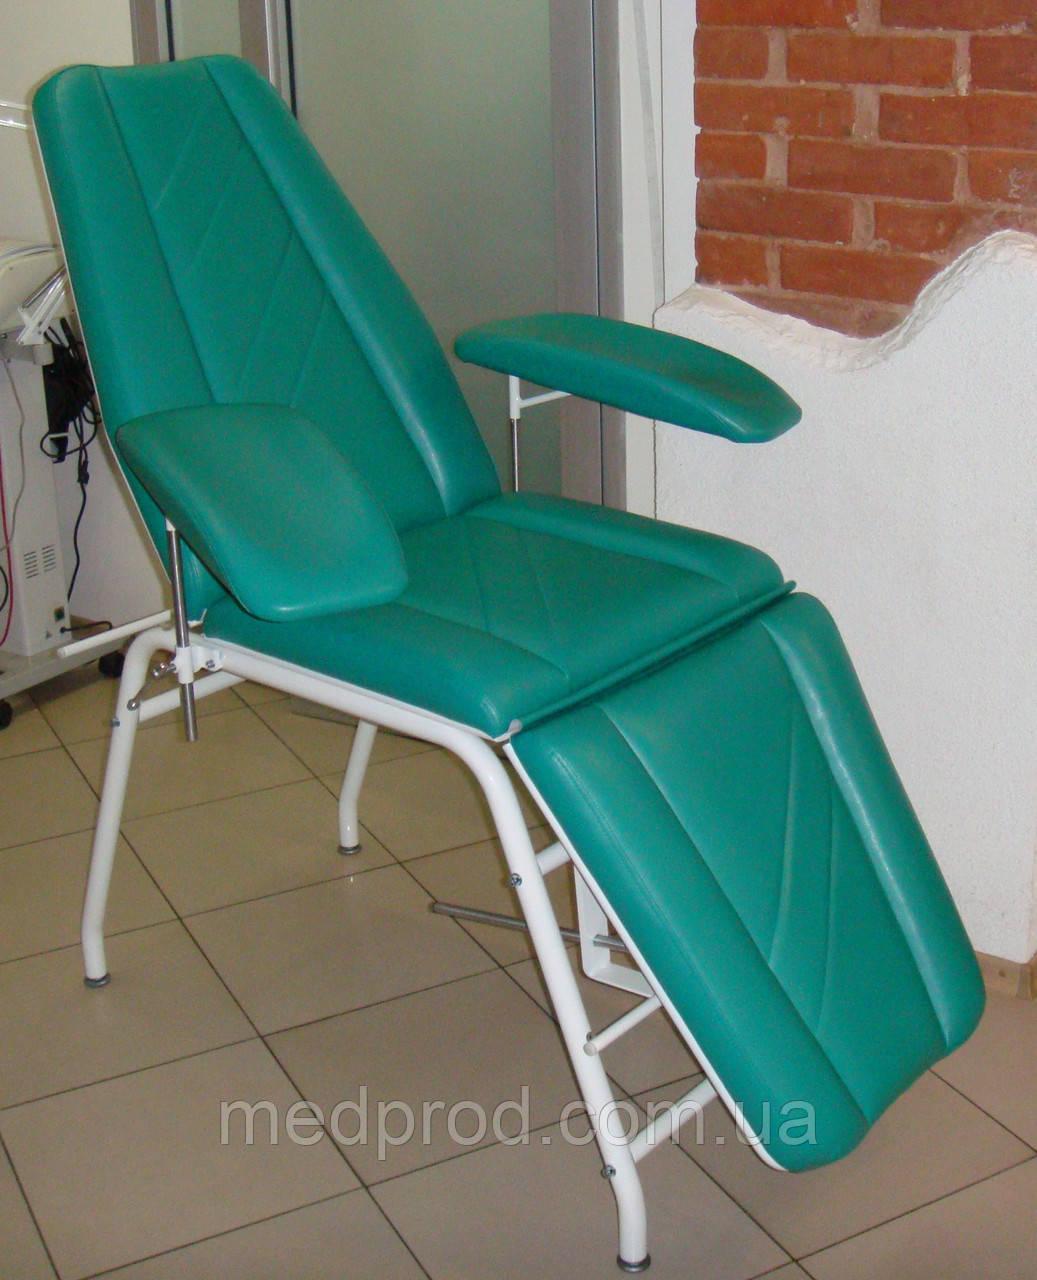 Кресло донора КД-1 для кабинета переливания / взятия крови - Уханёв Г. Л. СПД в Запорожье